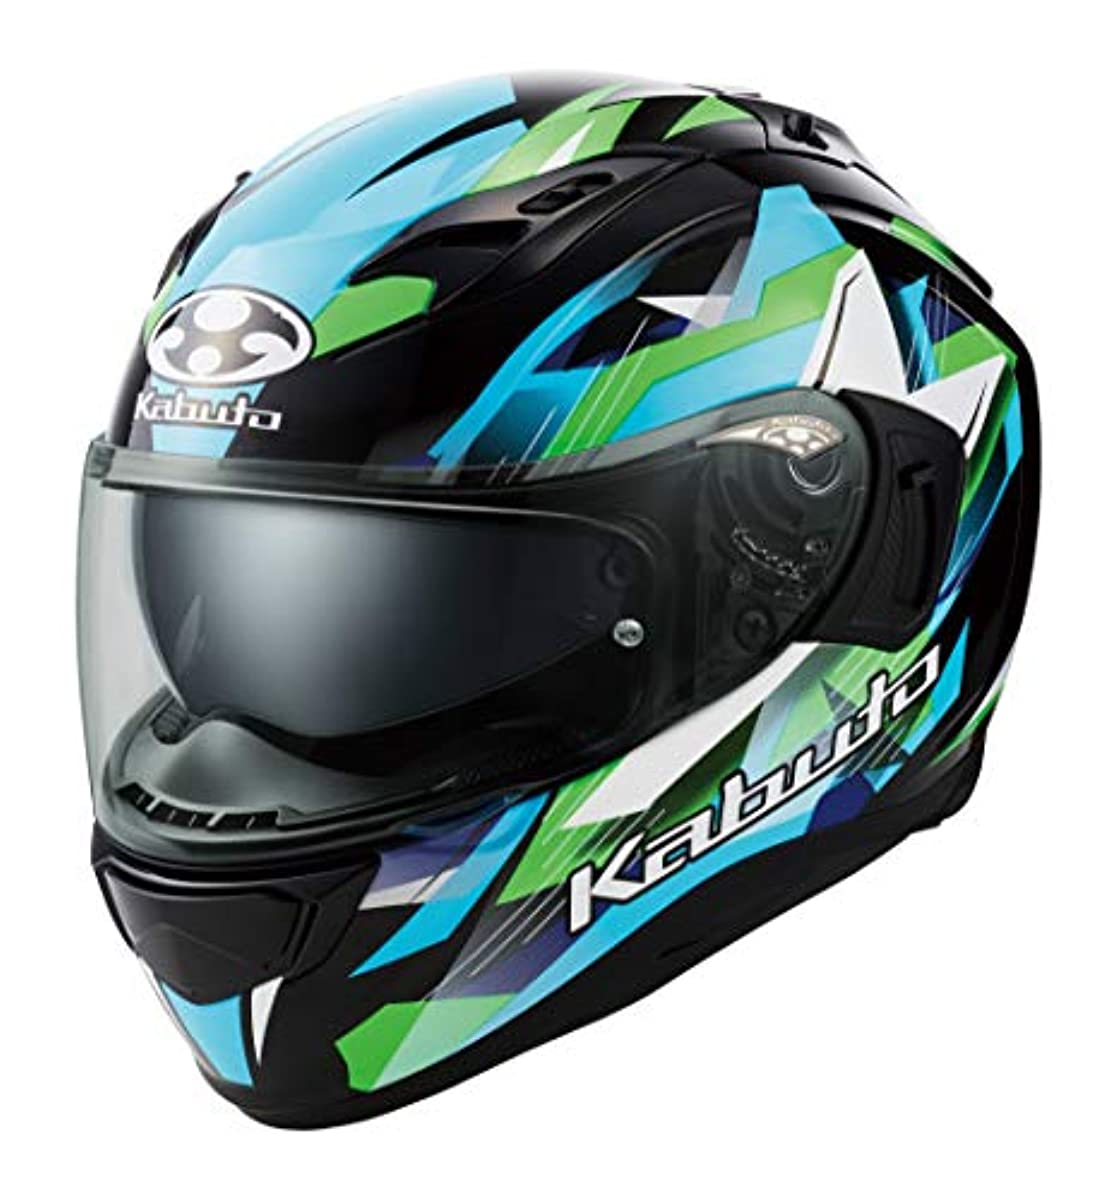 [해외] OG K (카부)카브도(OGK KABUTO)오토바이 헬멧 풀 페이스 KAMUI3 STARS(스타의) 블랙 그린 (사이즈:XL) 587390